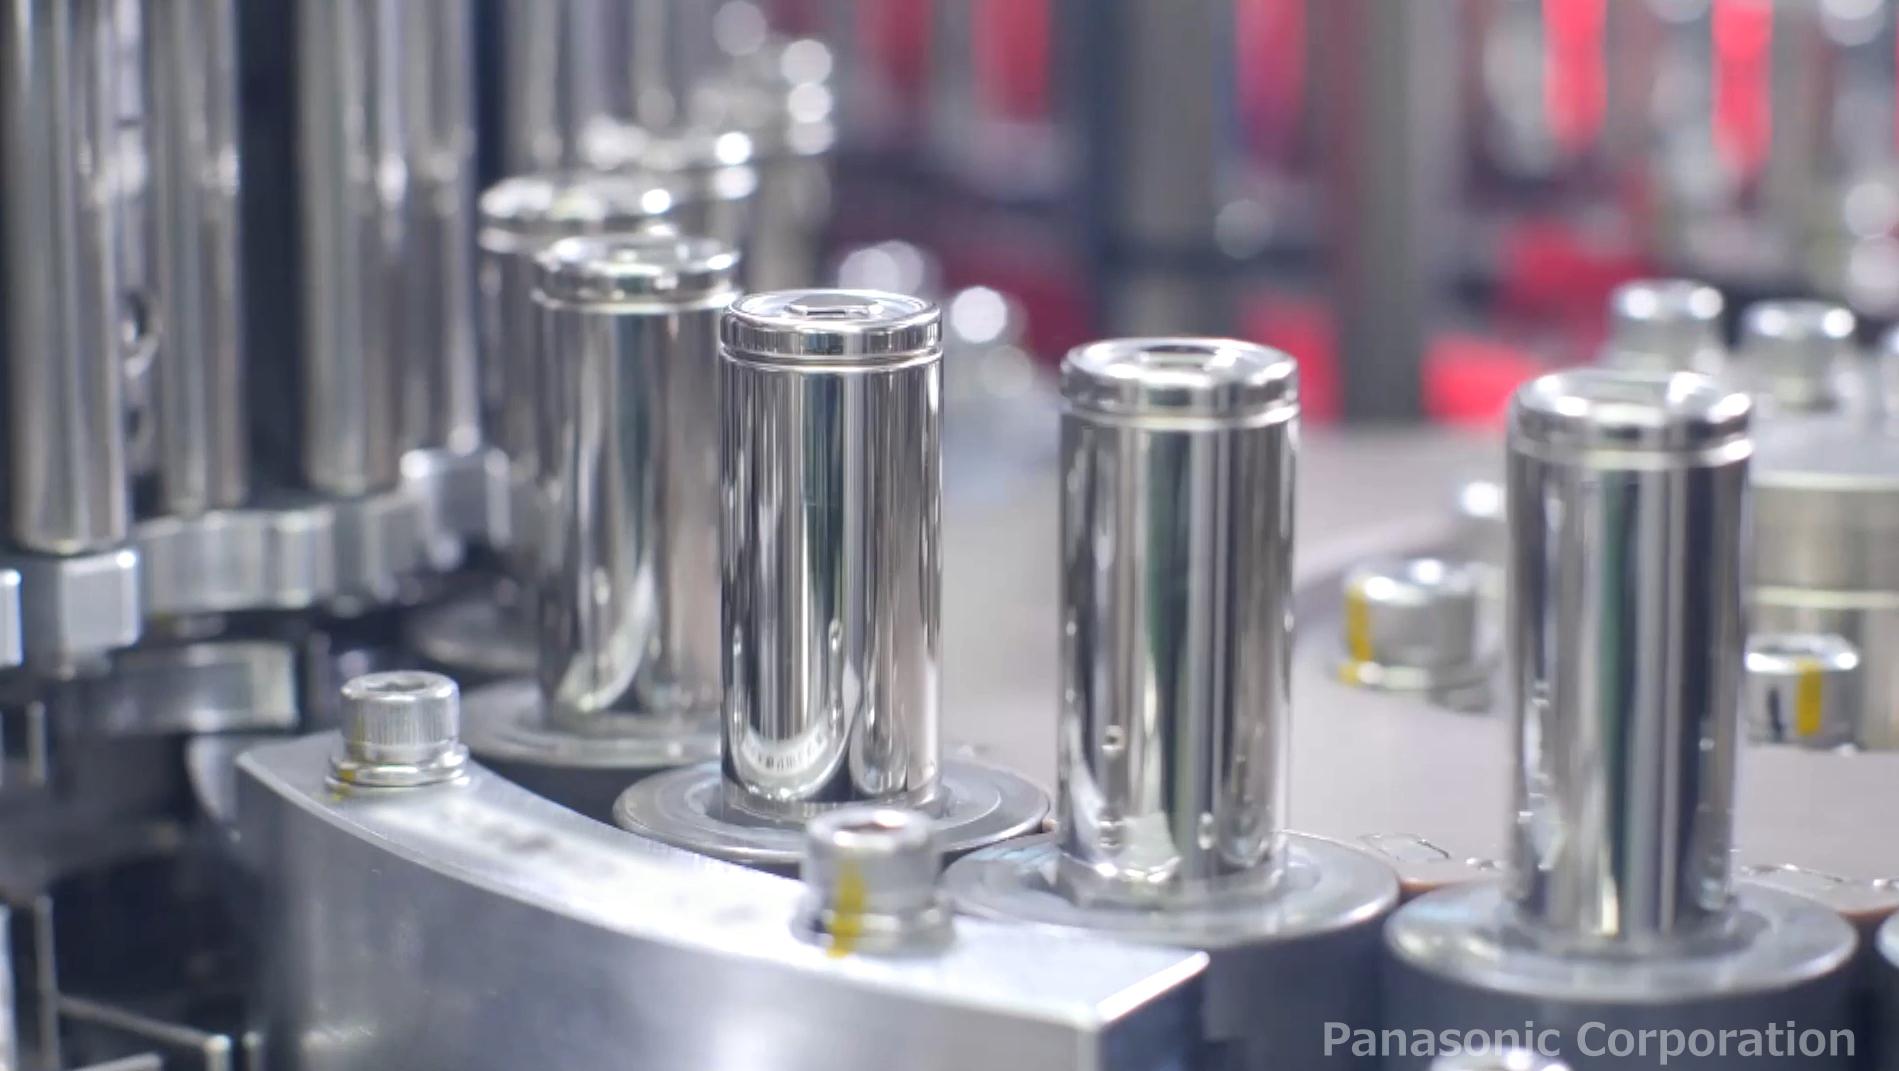 パナソニックの車載電池事業 磨き上げた「強み」で新たなフェーズへ